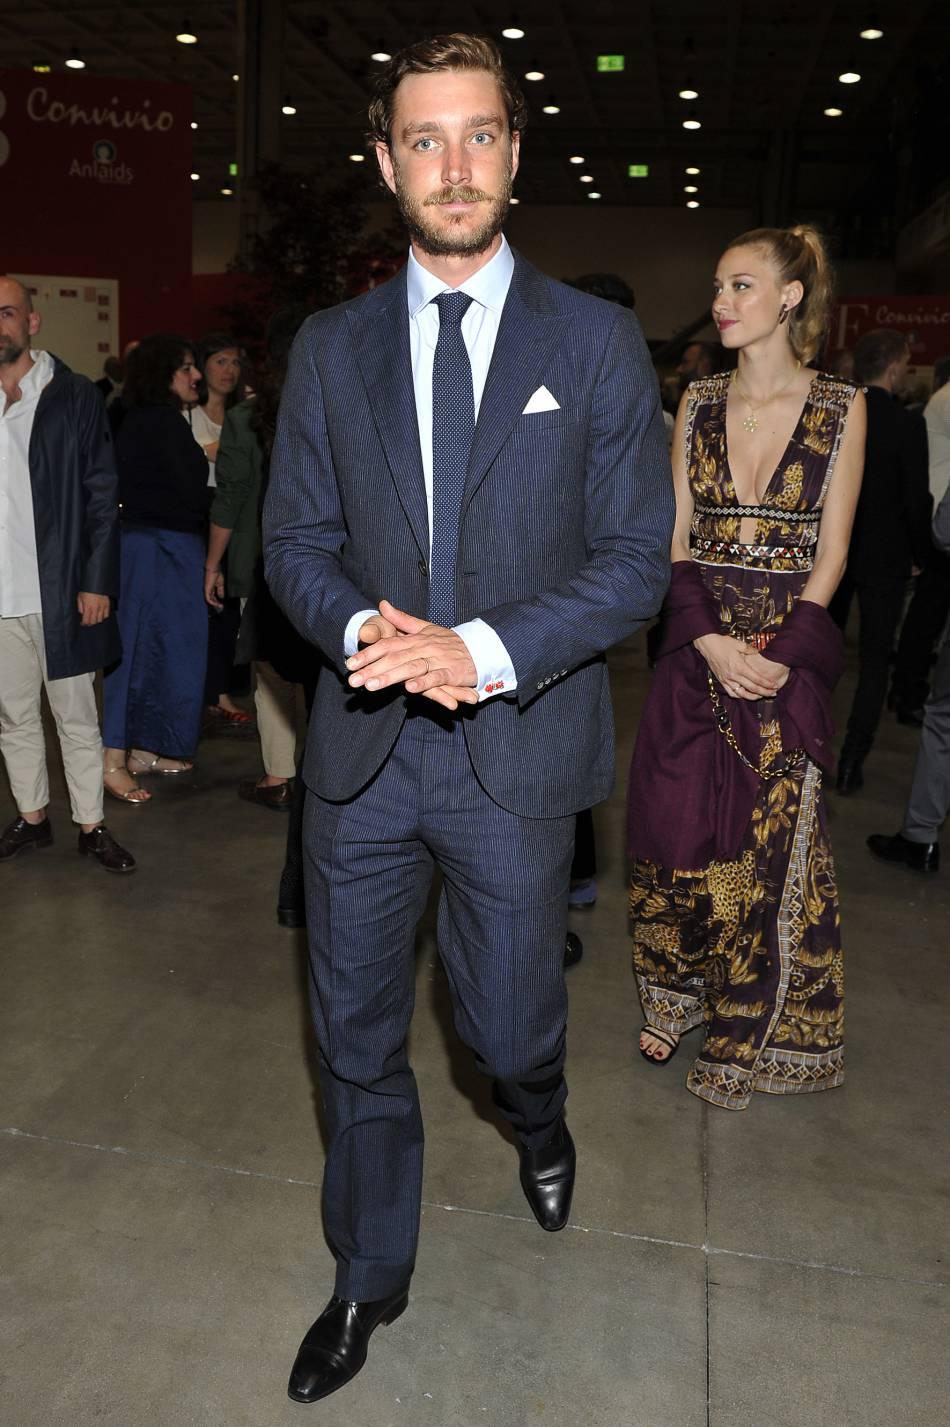 Pierre Casiraghi et sa femme Beatrice Borromeo à la soirée Convivio à Milan.